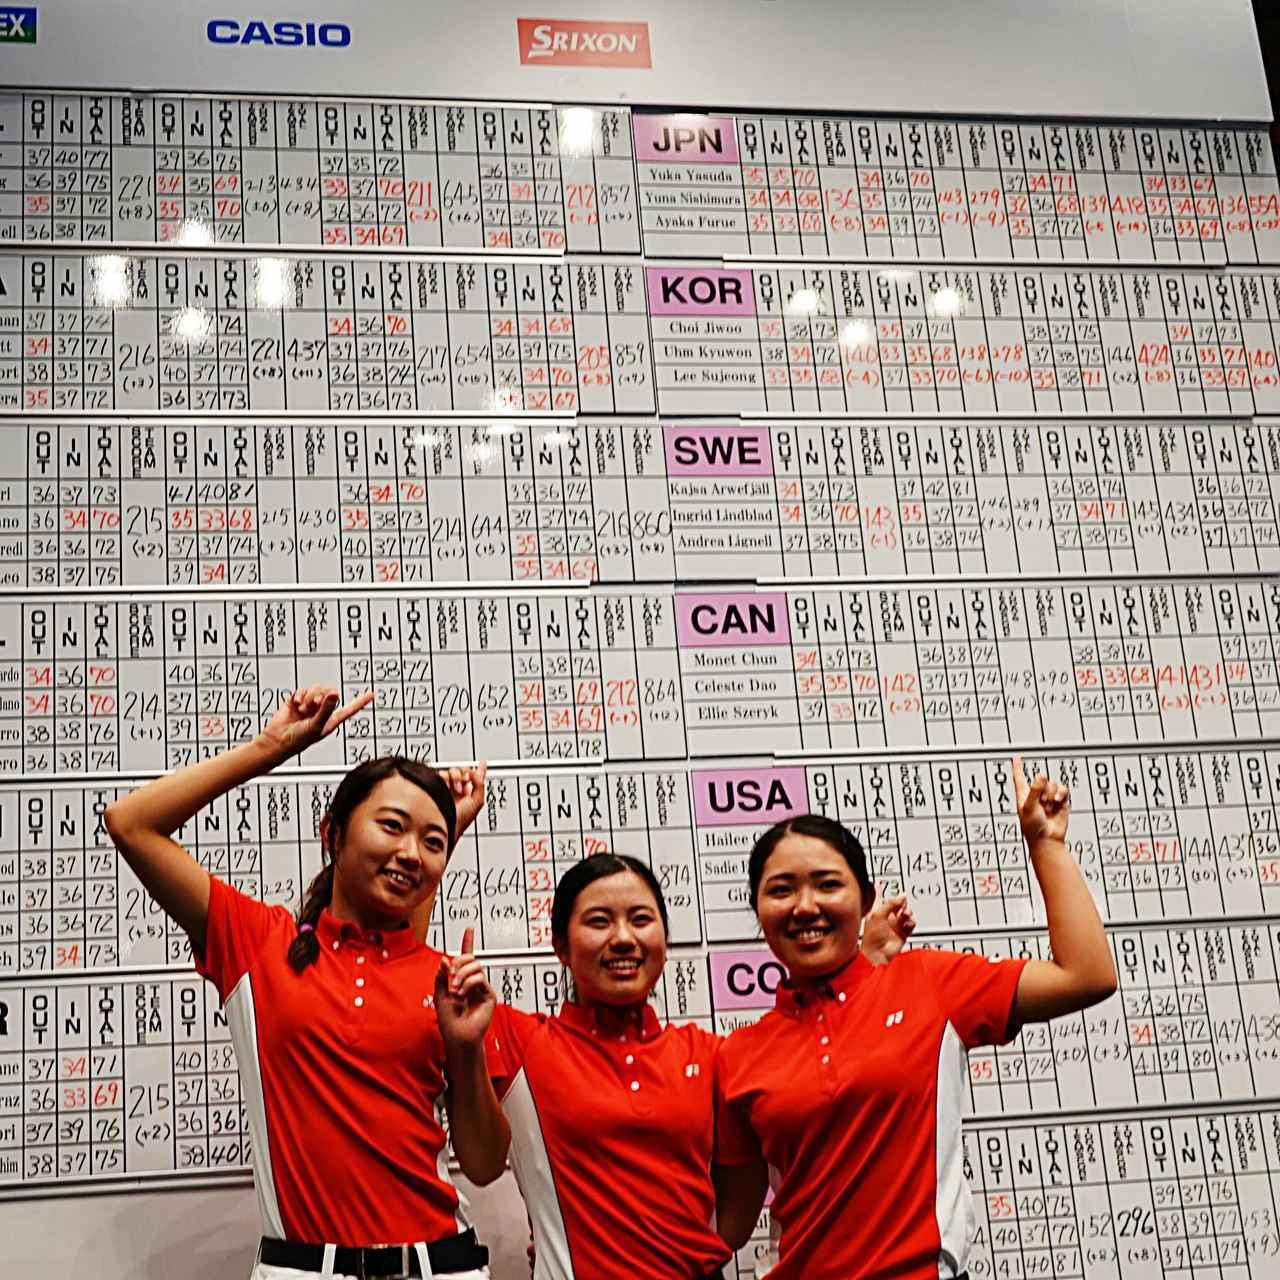 画像: スコアボードの前で喜ぶ安田(写真左)、西村(写真中)、古江(写真右)の日本チーム